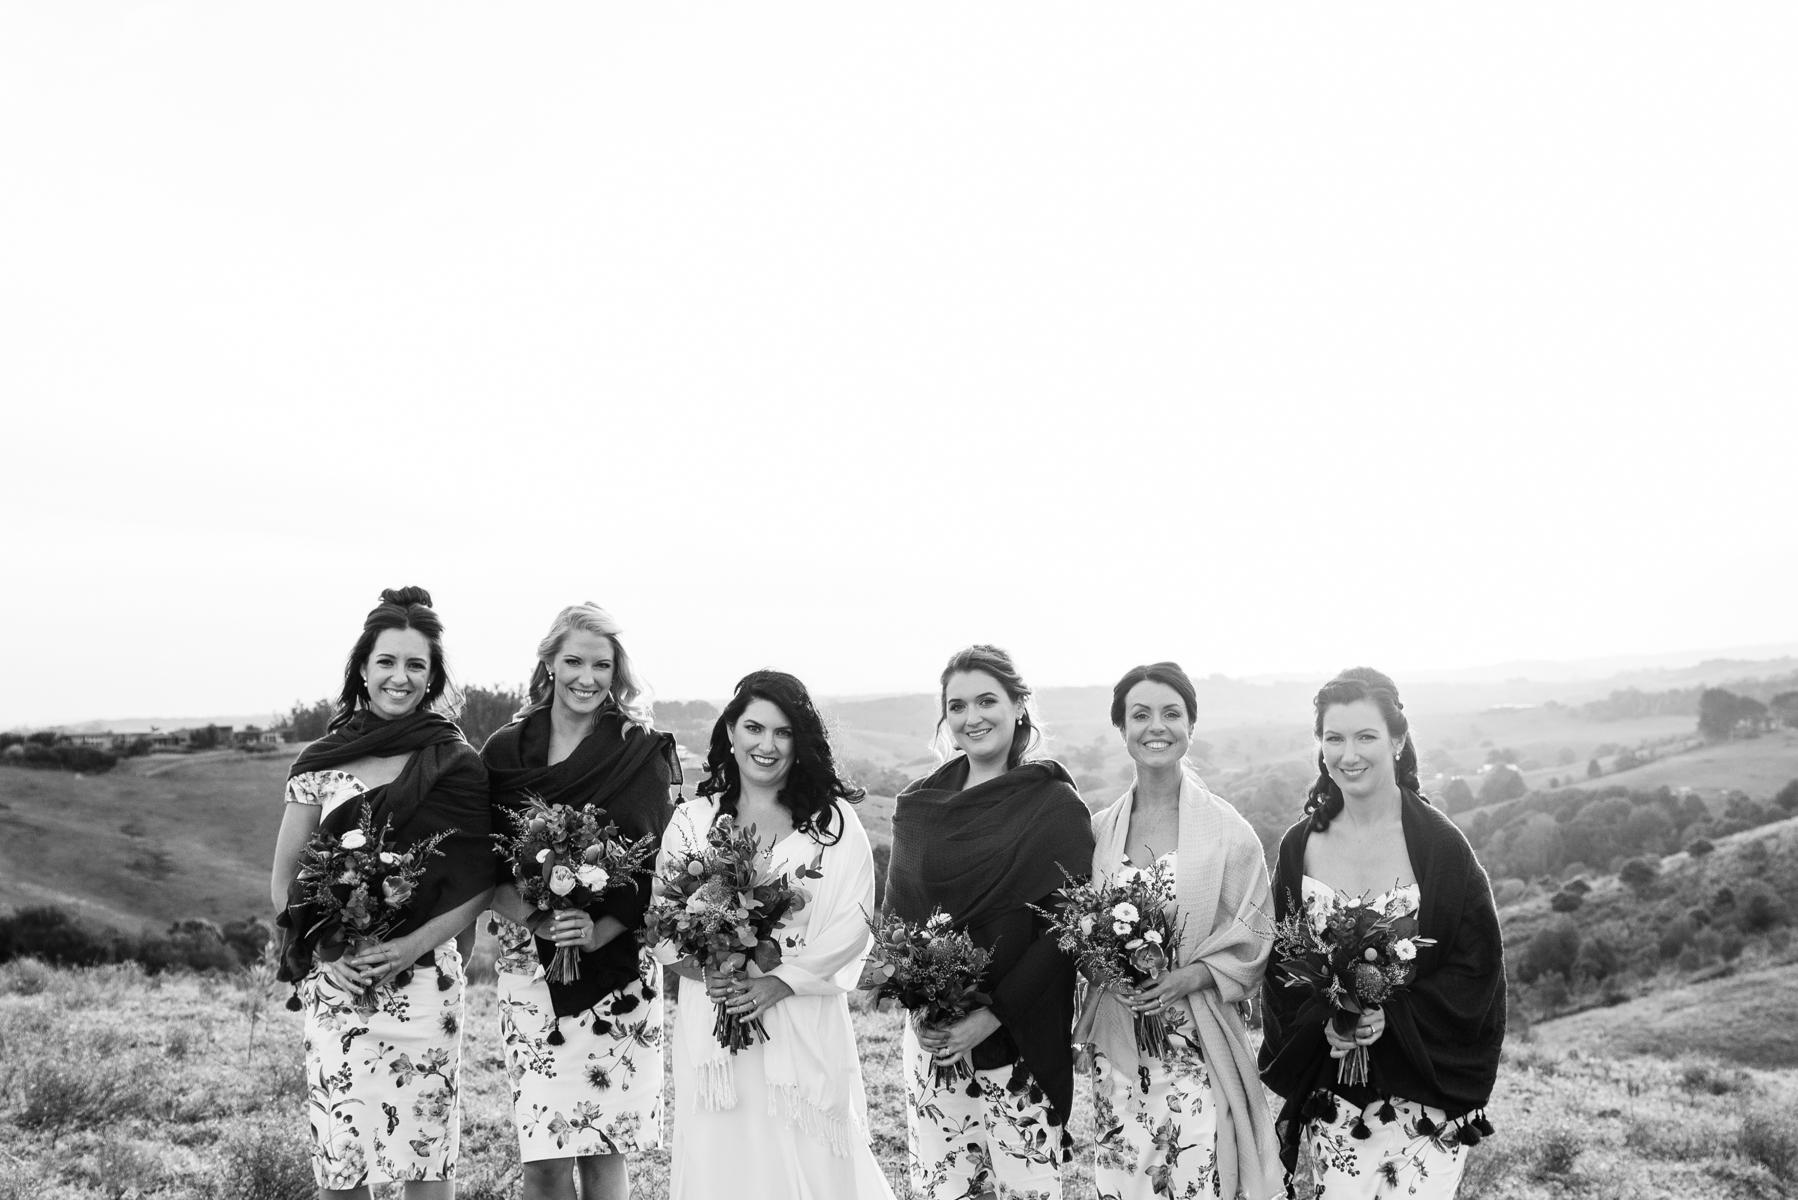 sarahandBenwedding- skyla sage photography weddings, families, byron bay,tweed coast,kingscliff,cabarita,gold coast-840.jpg